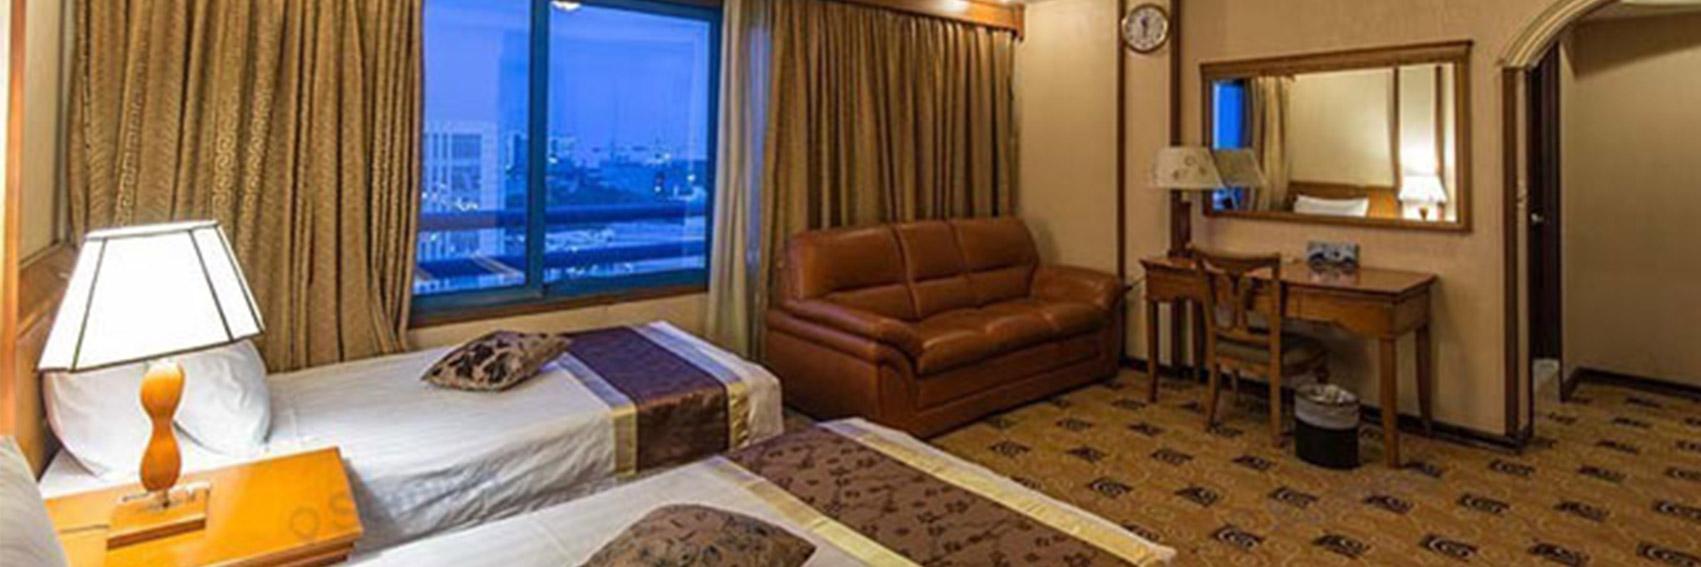 اتاق های شیک در هتل پارمیس